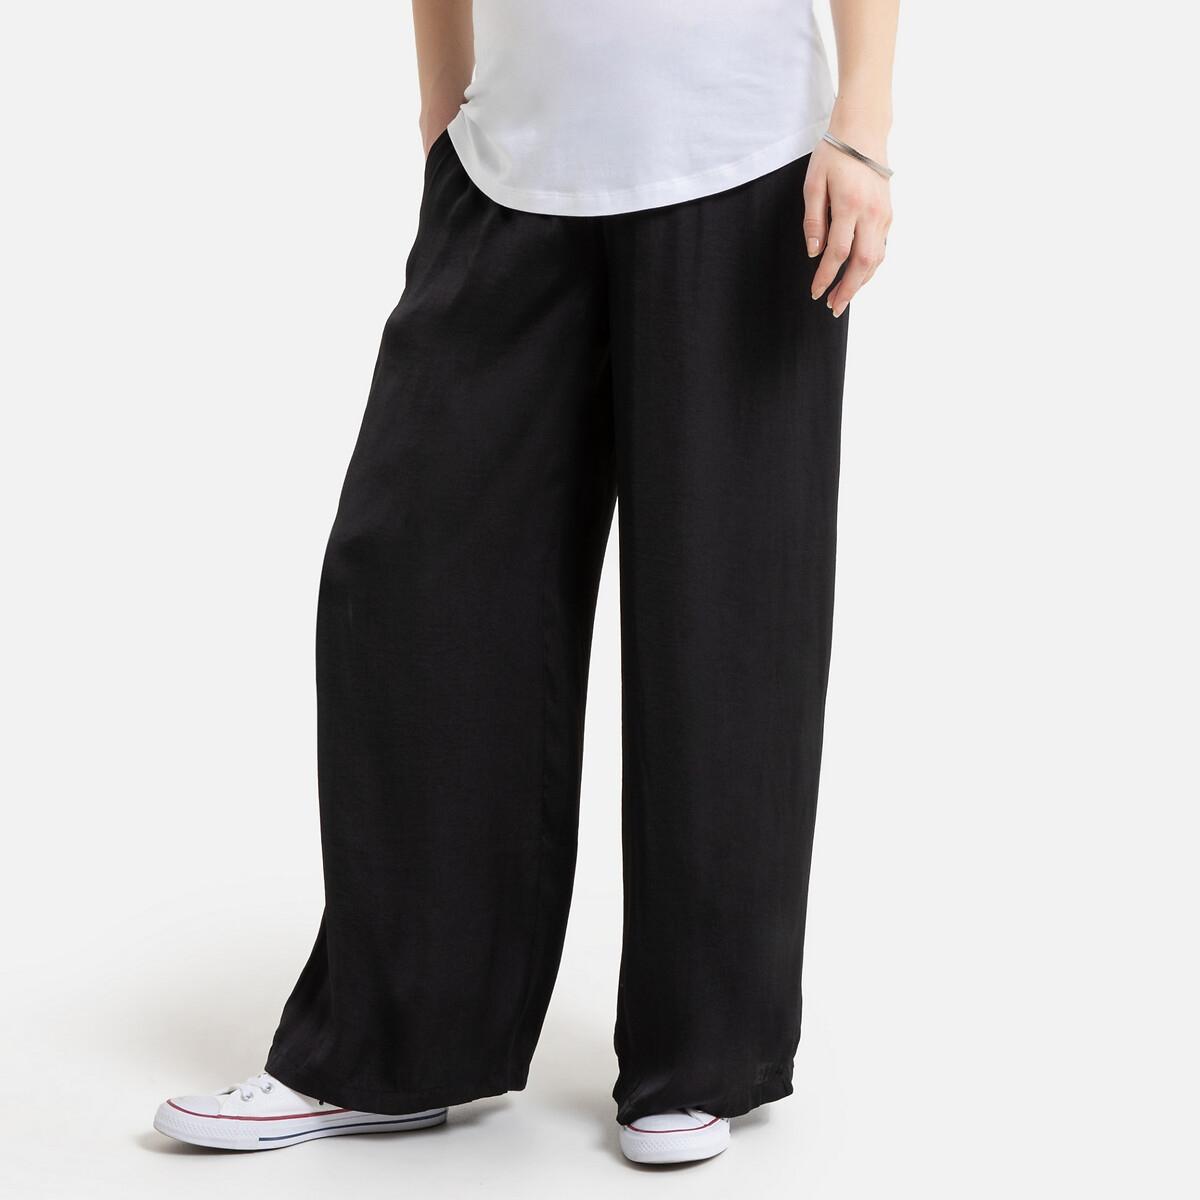 Брюки LaRedoute Широкие для периода беременности 36 (FR) - 42 (RUS) черный брюки laredoute для периода беременности из велюра velvet 42 fr 48 rus бежевый